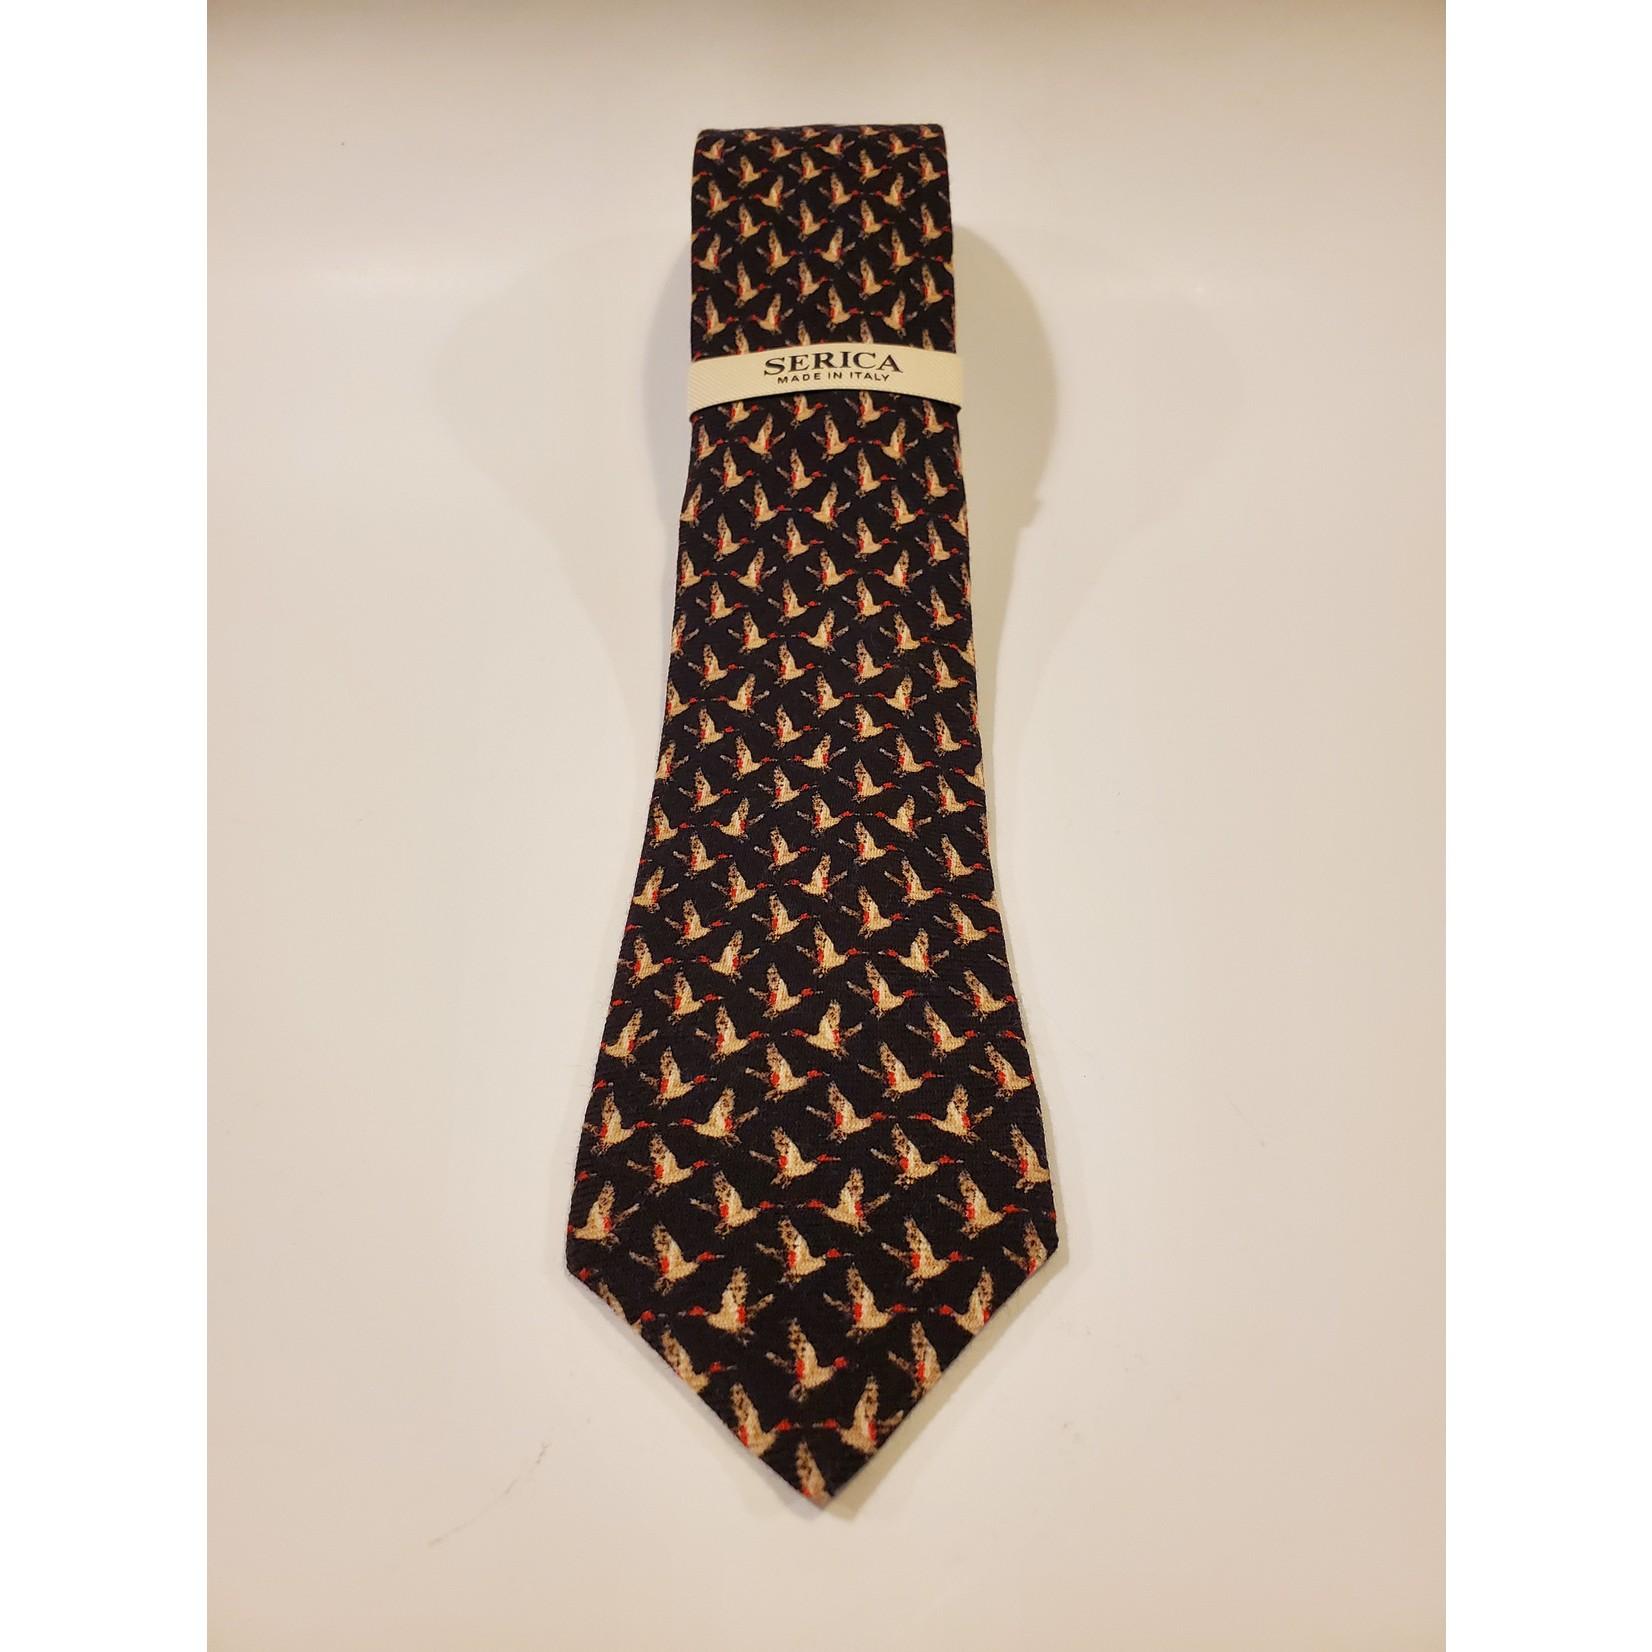 Serica 201950 Printed Wool/ Silk Tie A - Black Geo Duck Pattern